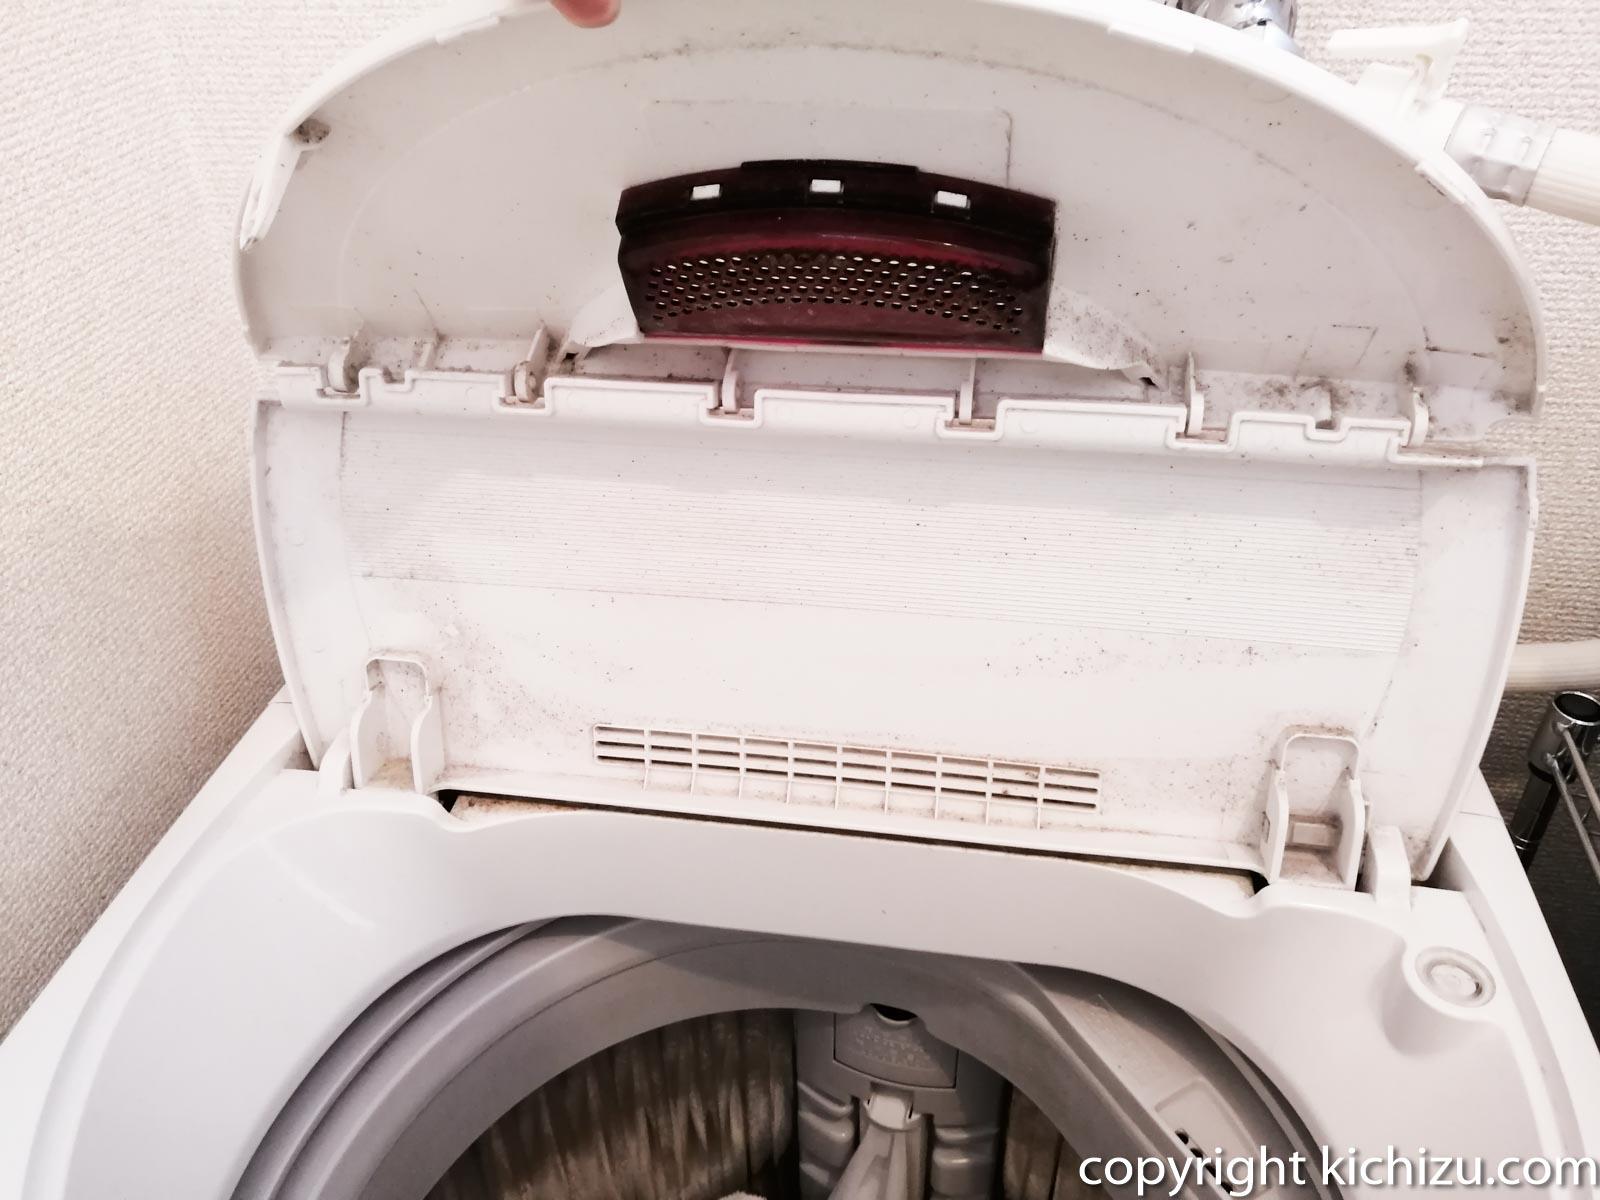 SHARPの洗濯機 ES-GE60Lの蓋の汚れの部分